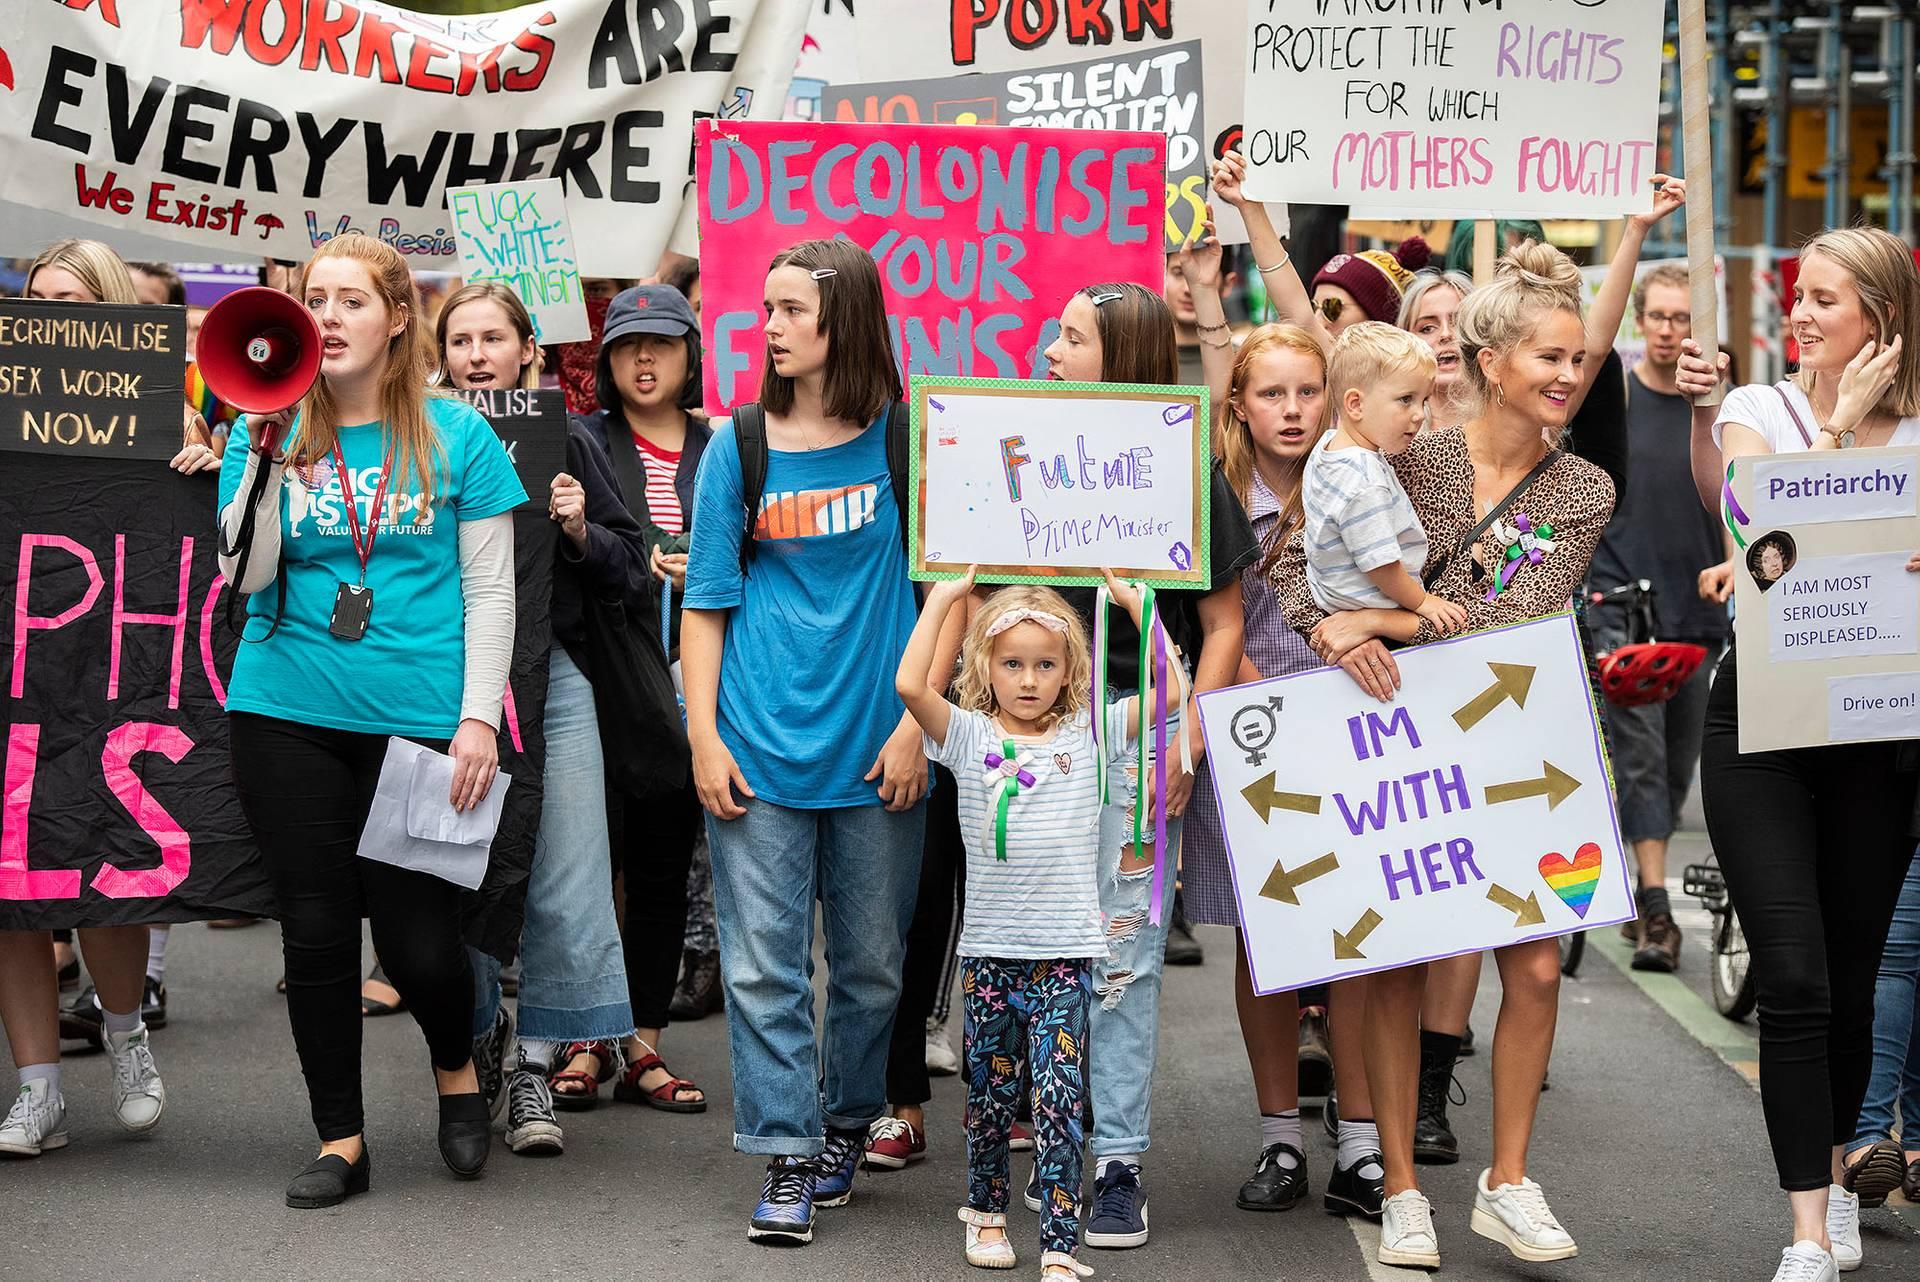 Учасниці маршу до Міжнародного дня захисту прав жінок в Мельбурні пройшлись від Державної бібліотеки до Будинку парламенту, Австралія, 8 березня 2019 року